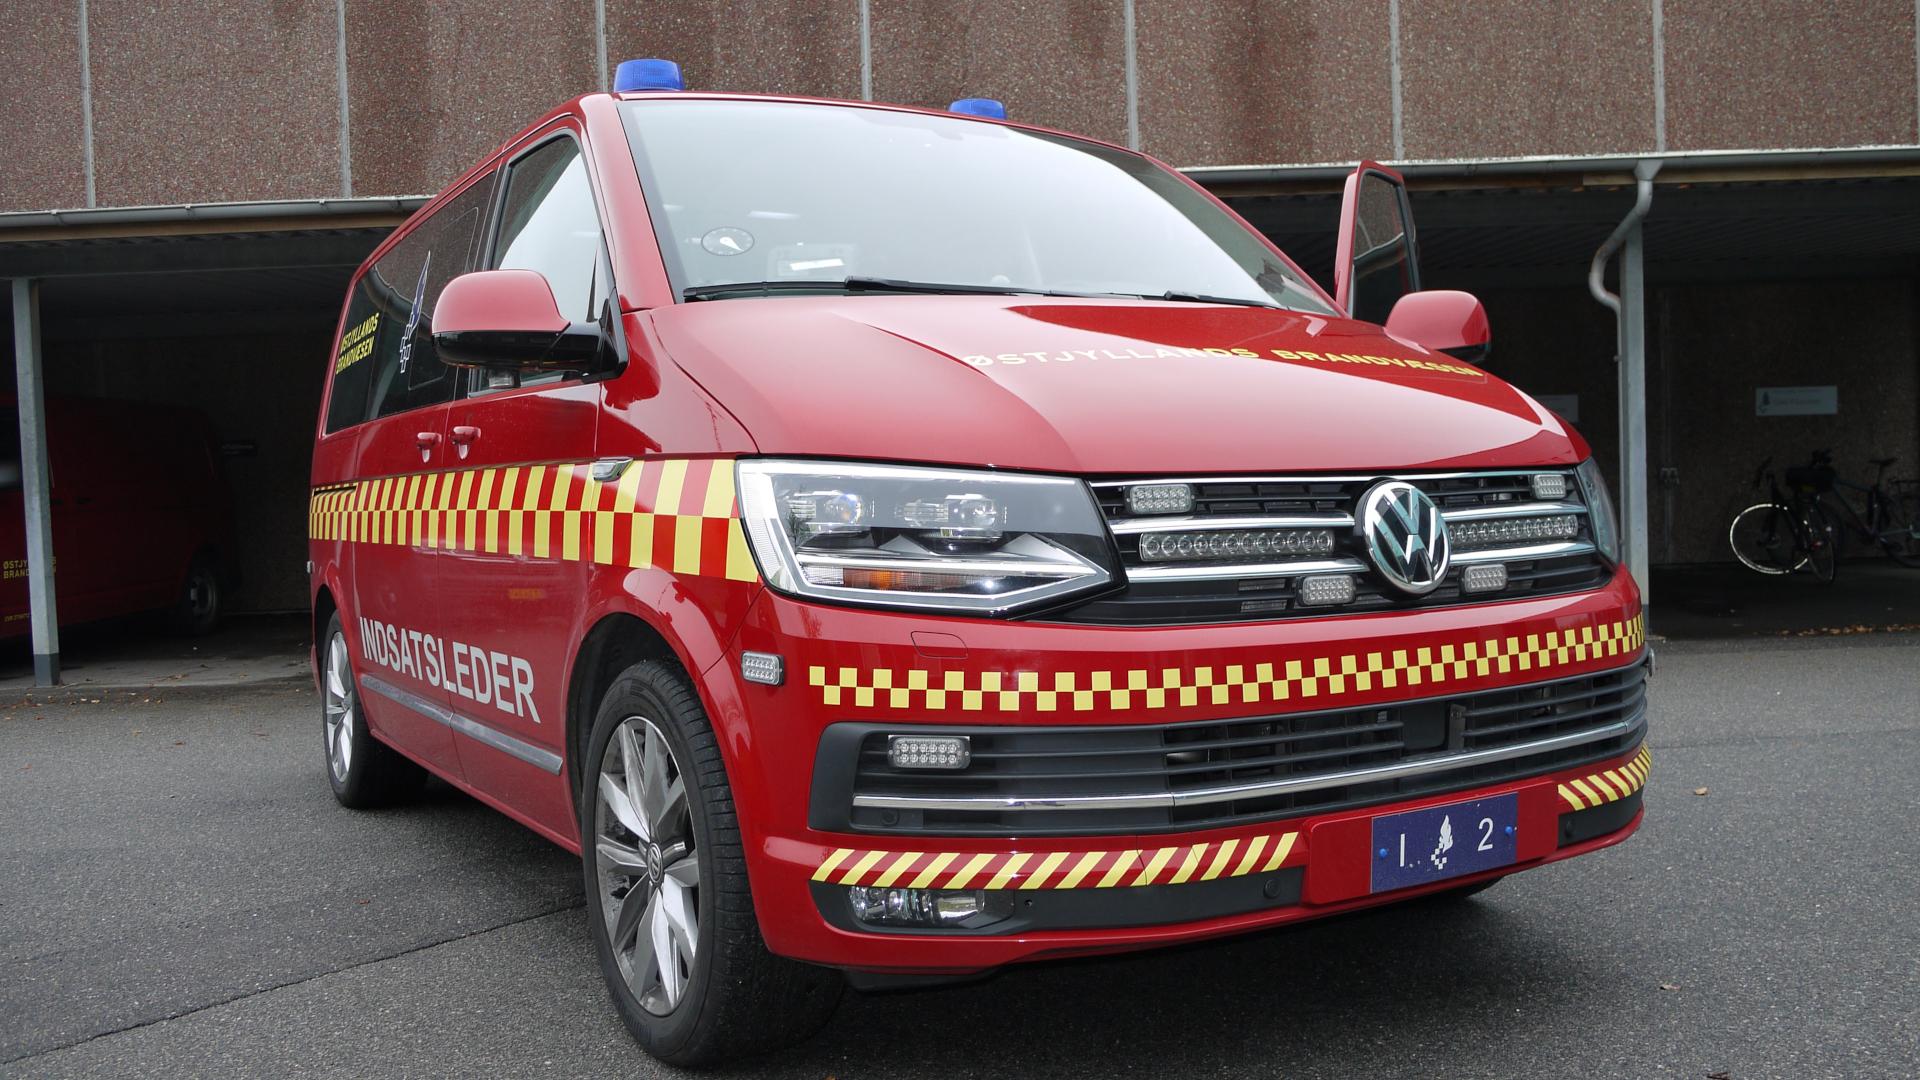 VW transporter forfra indsatsleder brand